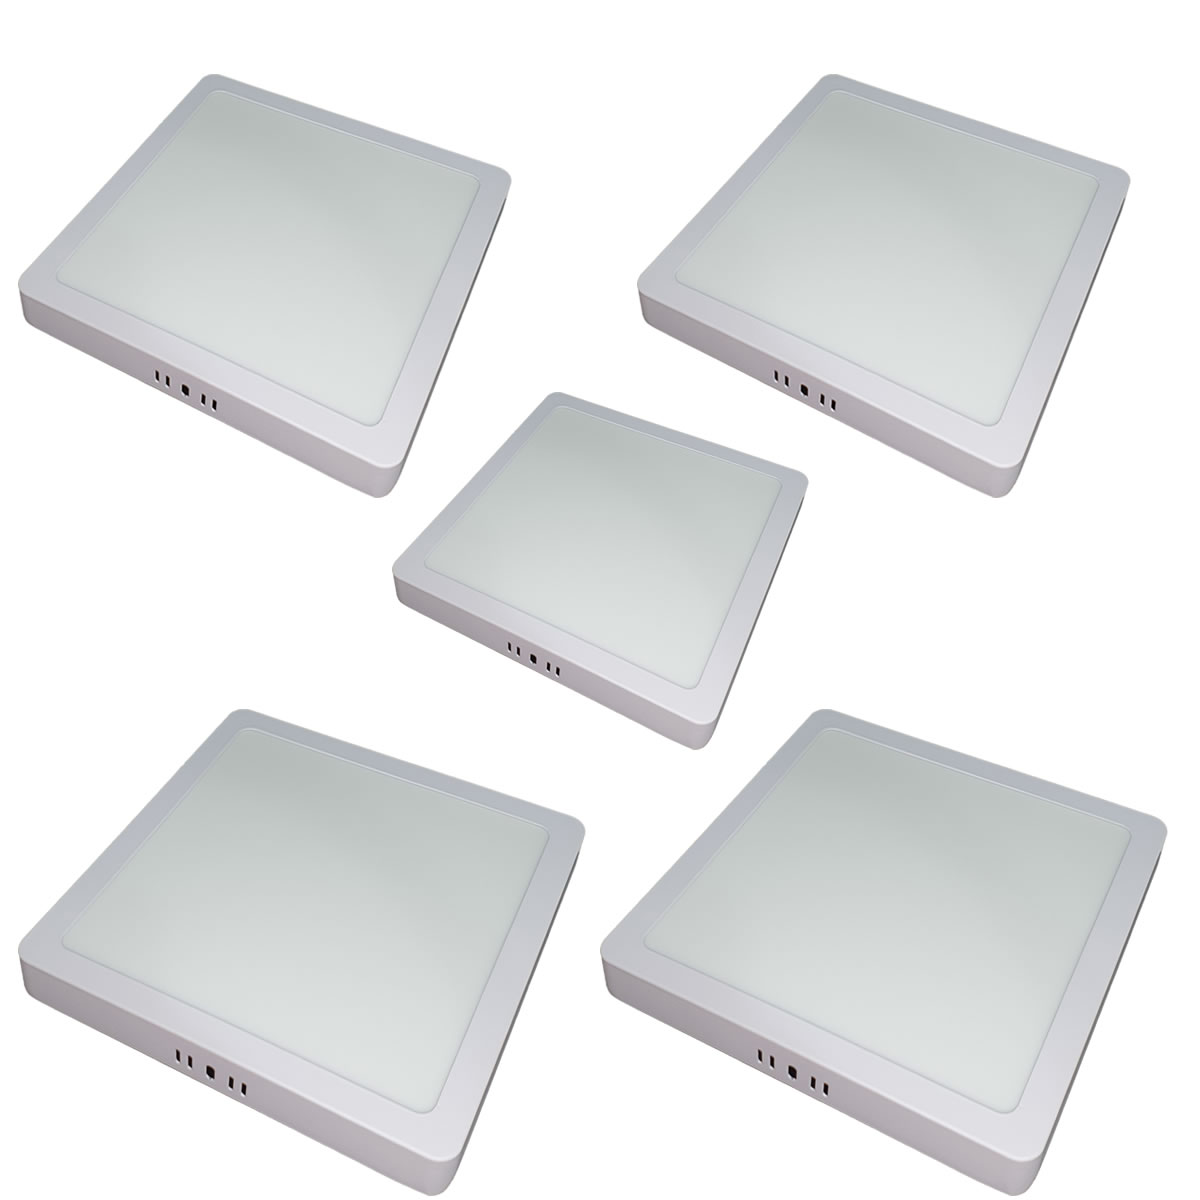 Kit 5 Luminária LED Sobrepor 24w Quadrada Branco Quente 3000k Plafon